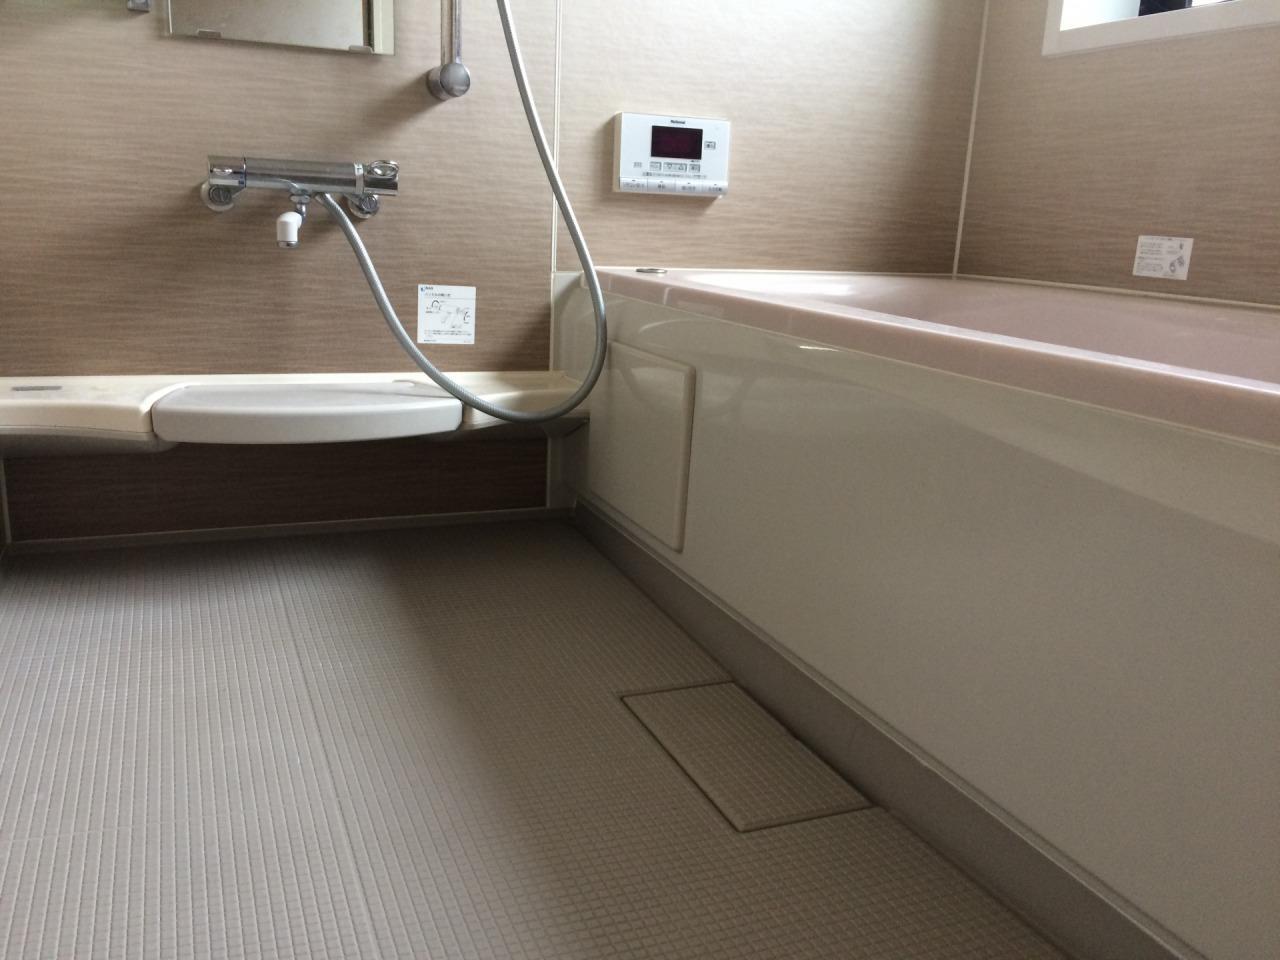 お風呂場の床掃除に便利な2つのブラシをご紹介!